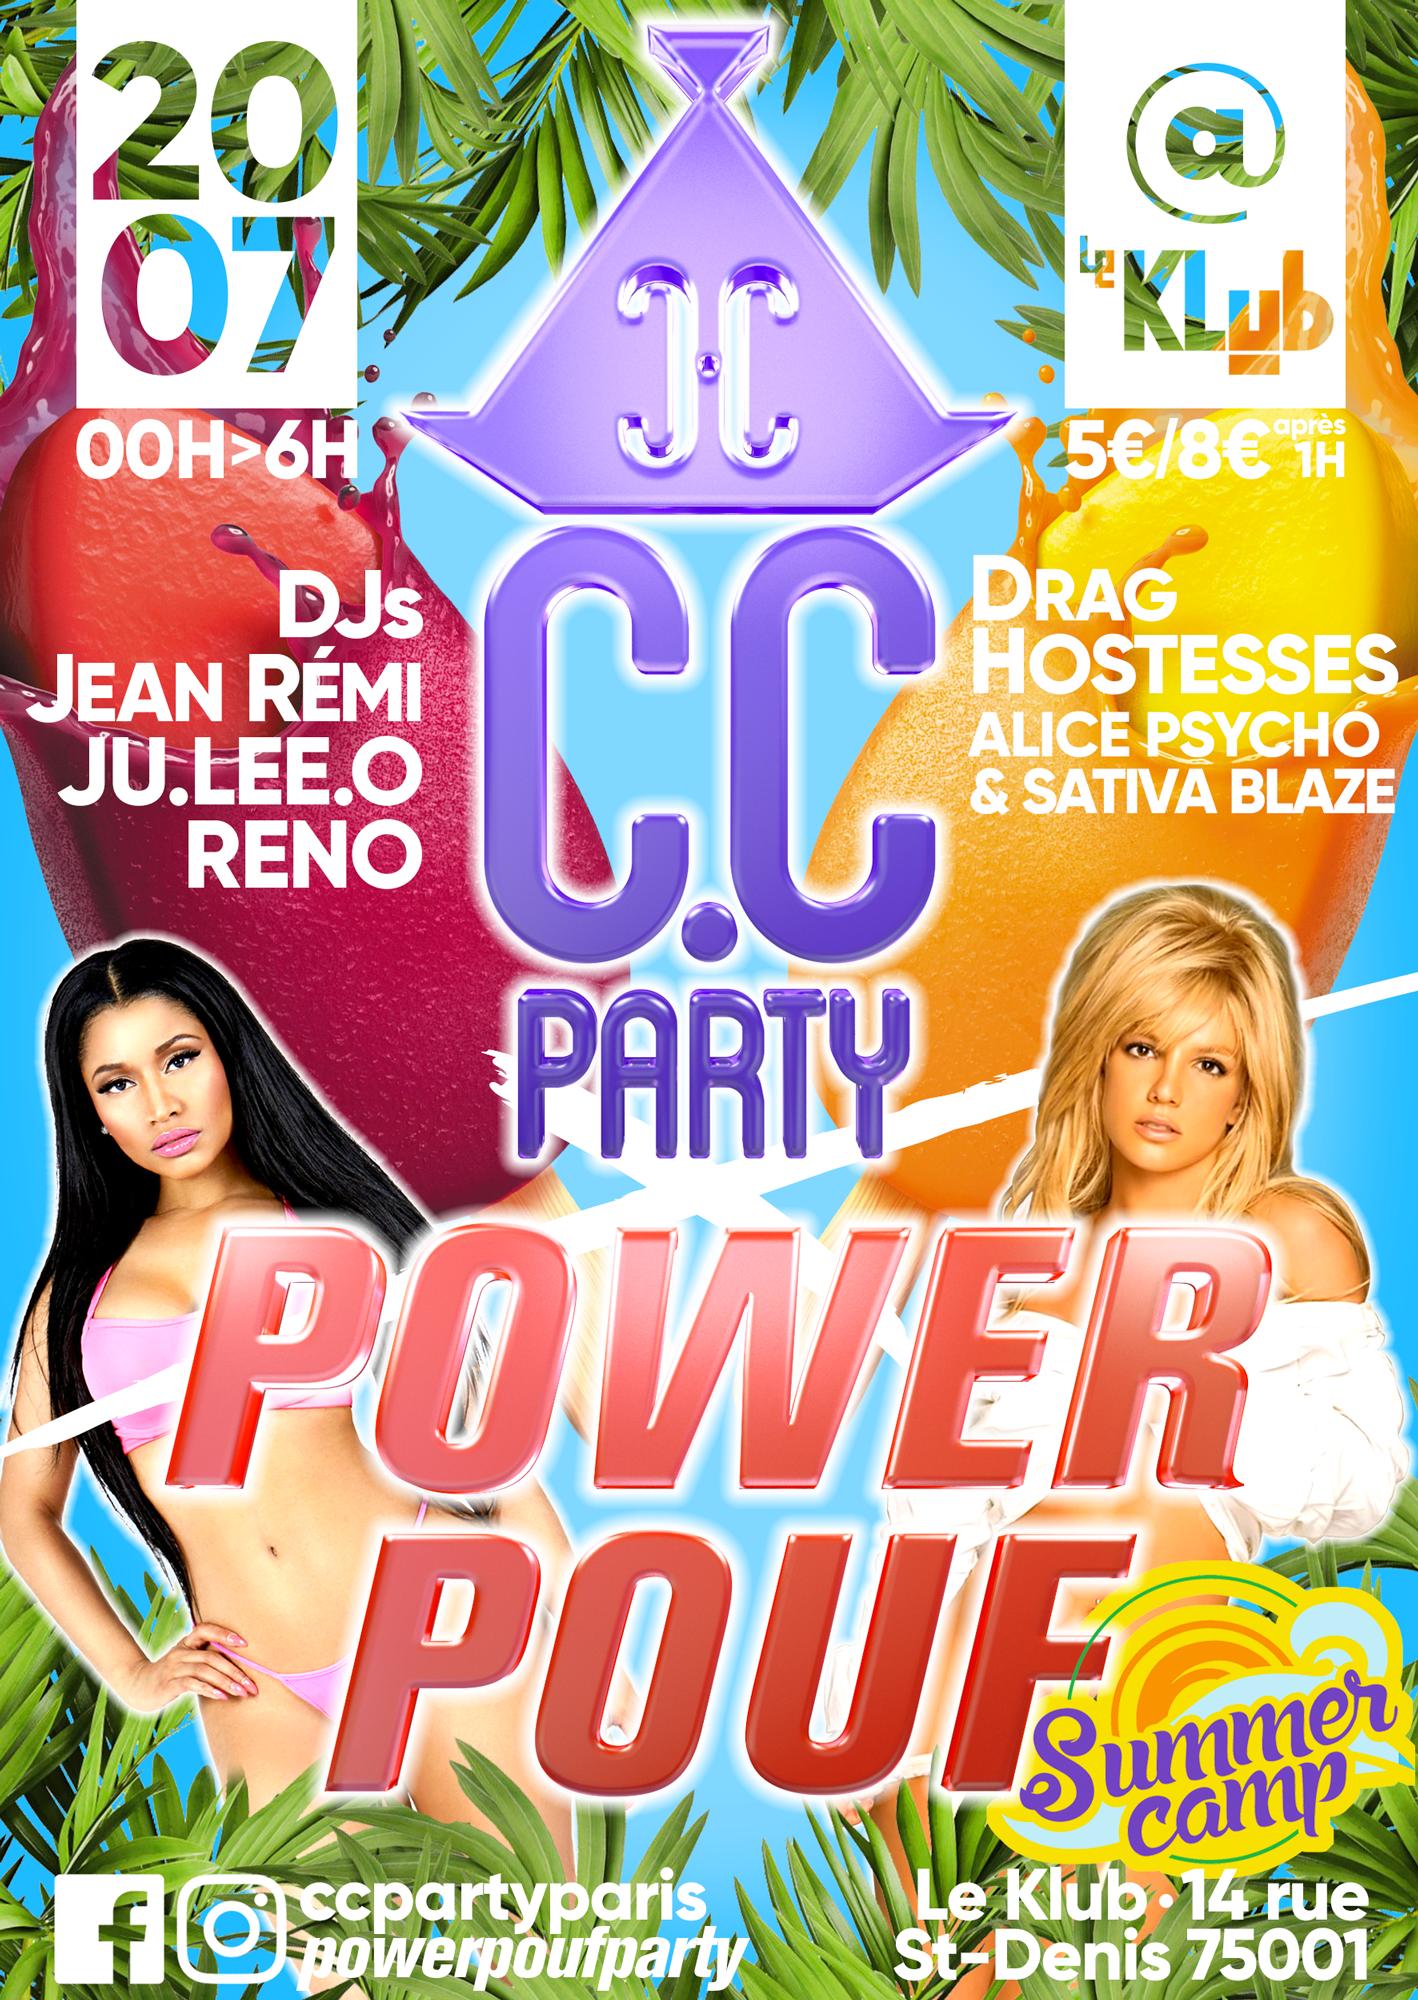 C.C Party X Power Pouf